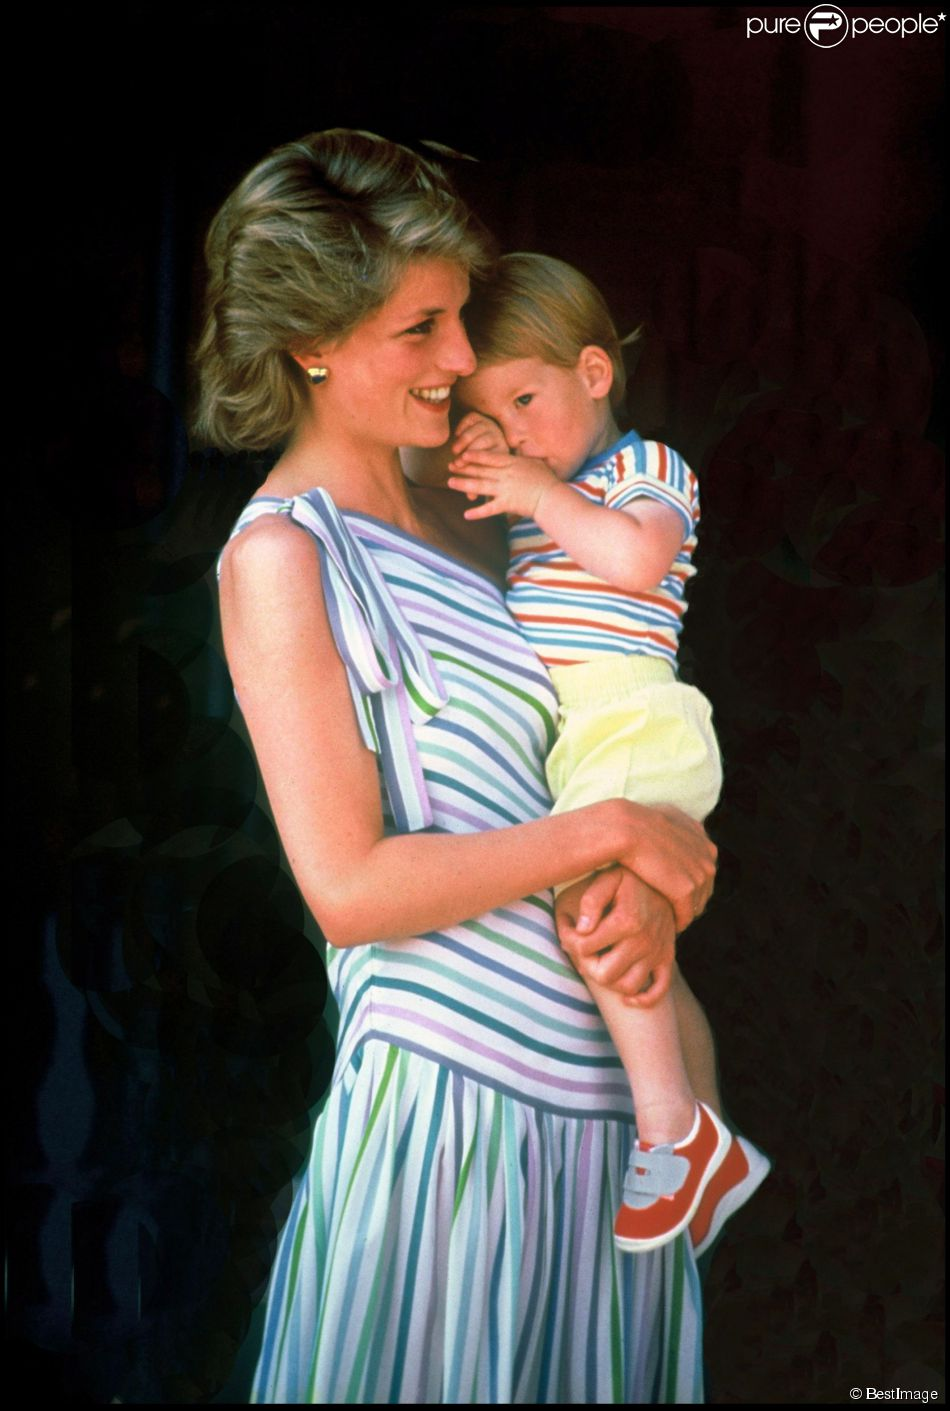 Lady Diana avec le prince Harry, 2 ans, dans les bras en 1986 à Palma de Majorque, chez la famille royale d'Espagne